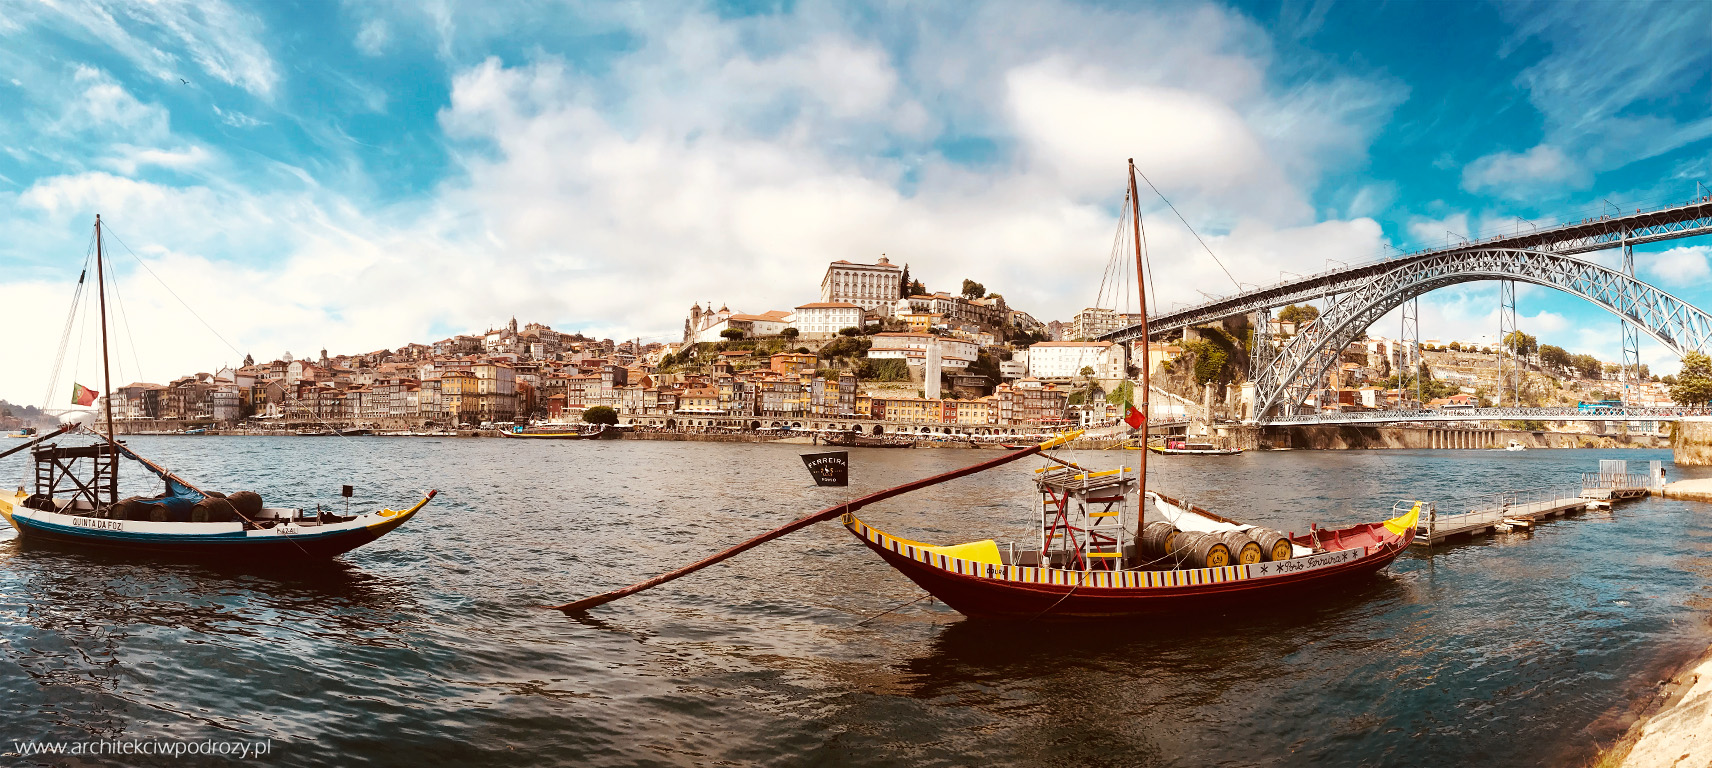 101 porto - Portugalia- Lizbona, Porto i okolice